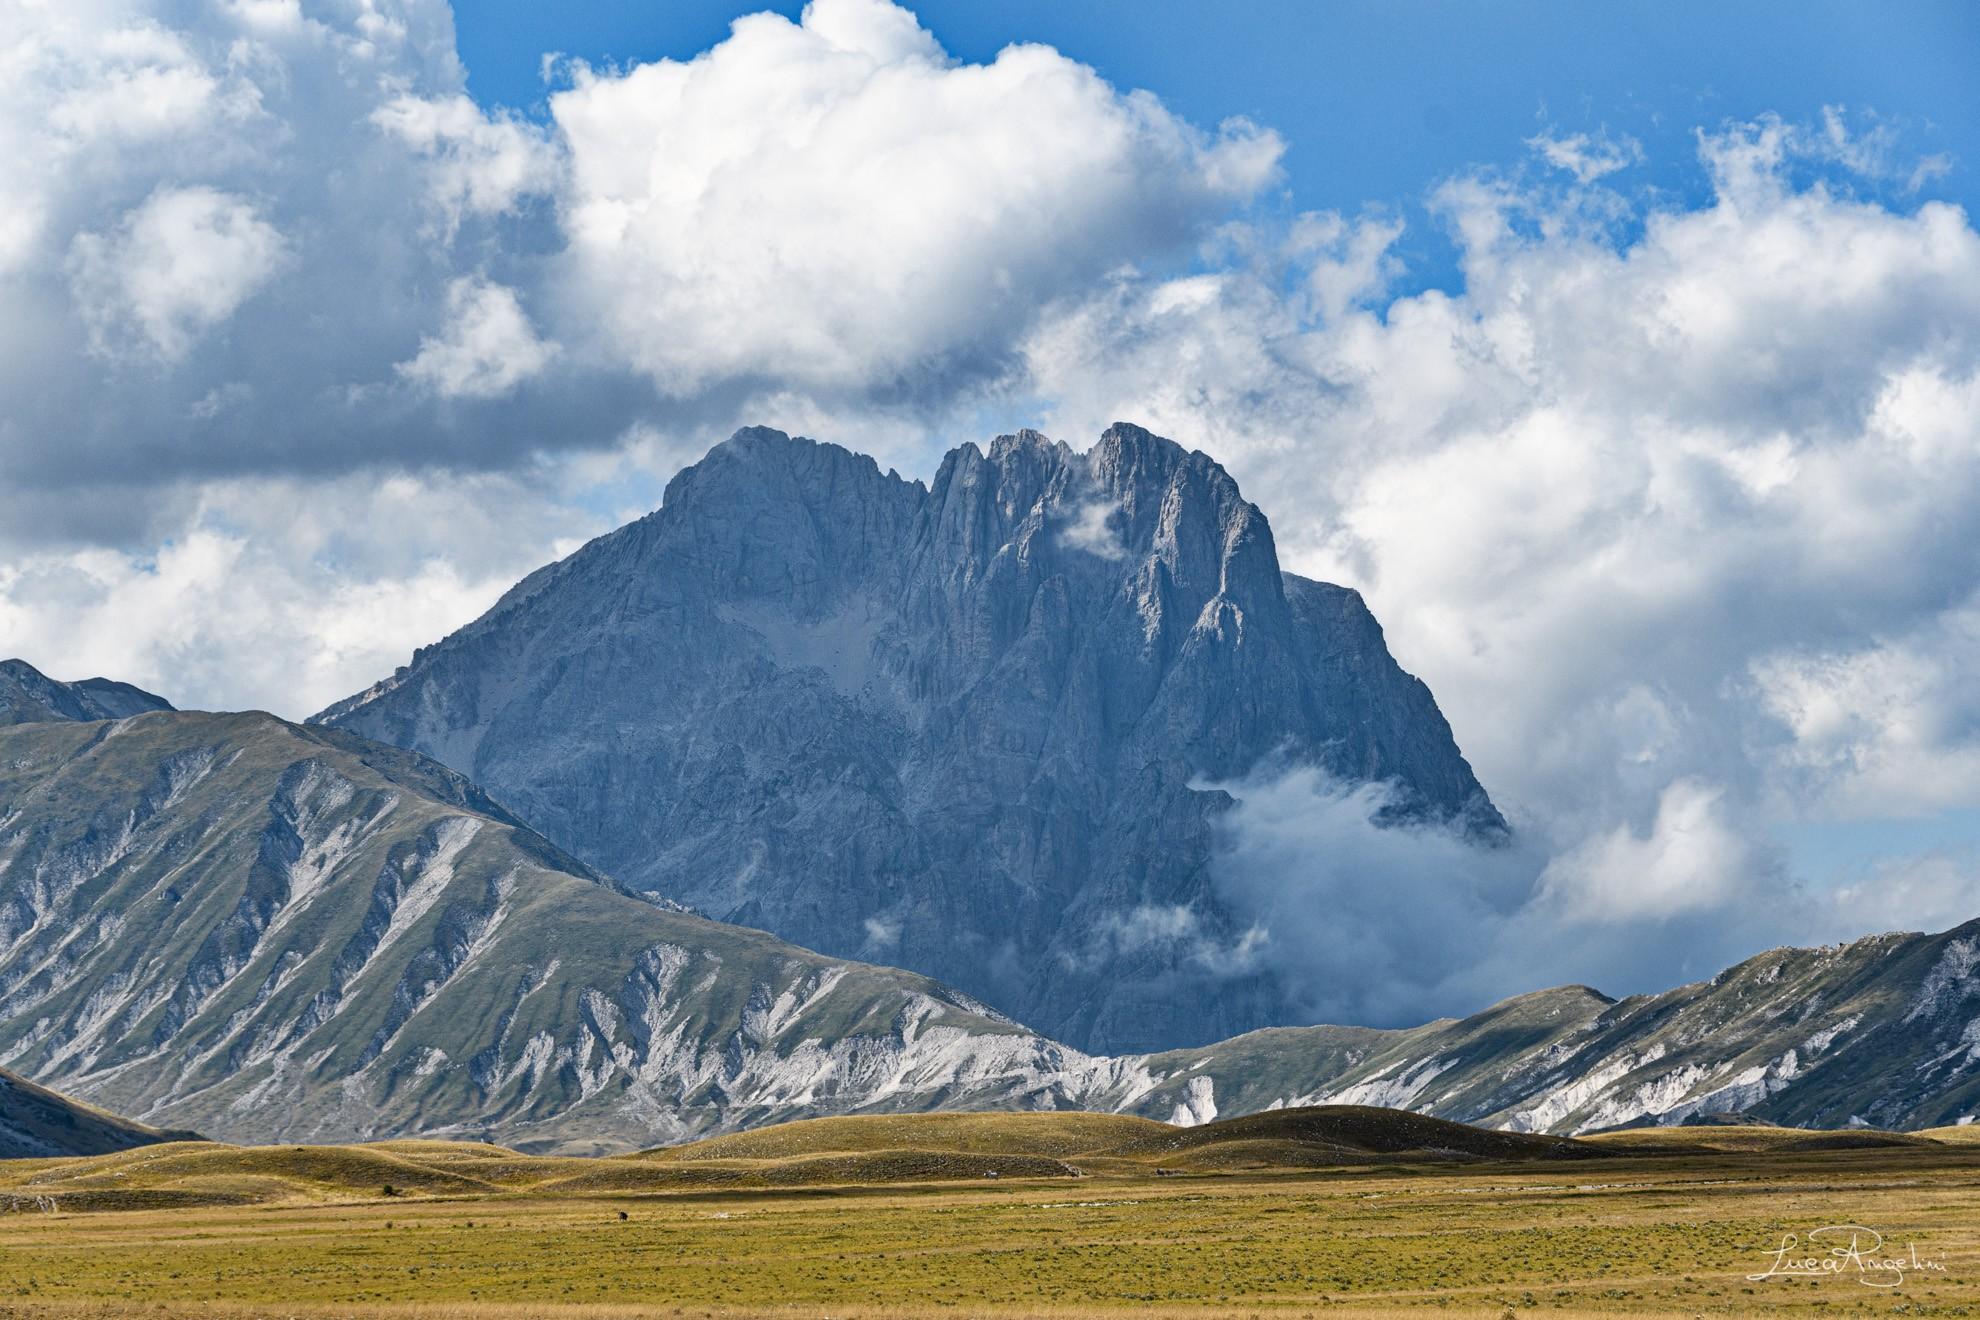 """- PER UNO COME ME - NEGRAMARO """"... Per uno come me c'è un'altra come te che sogna ancora le montagne che parla piano ad un gigante..."""""""